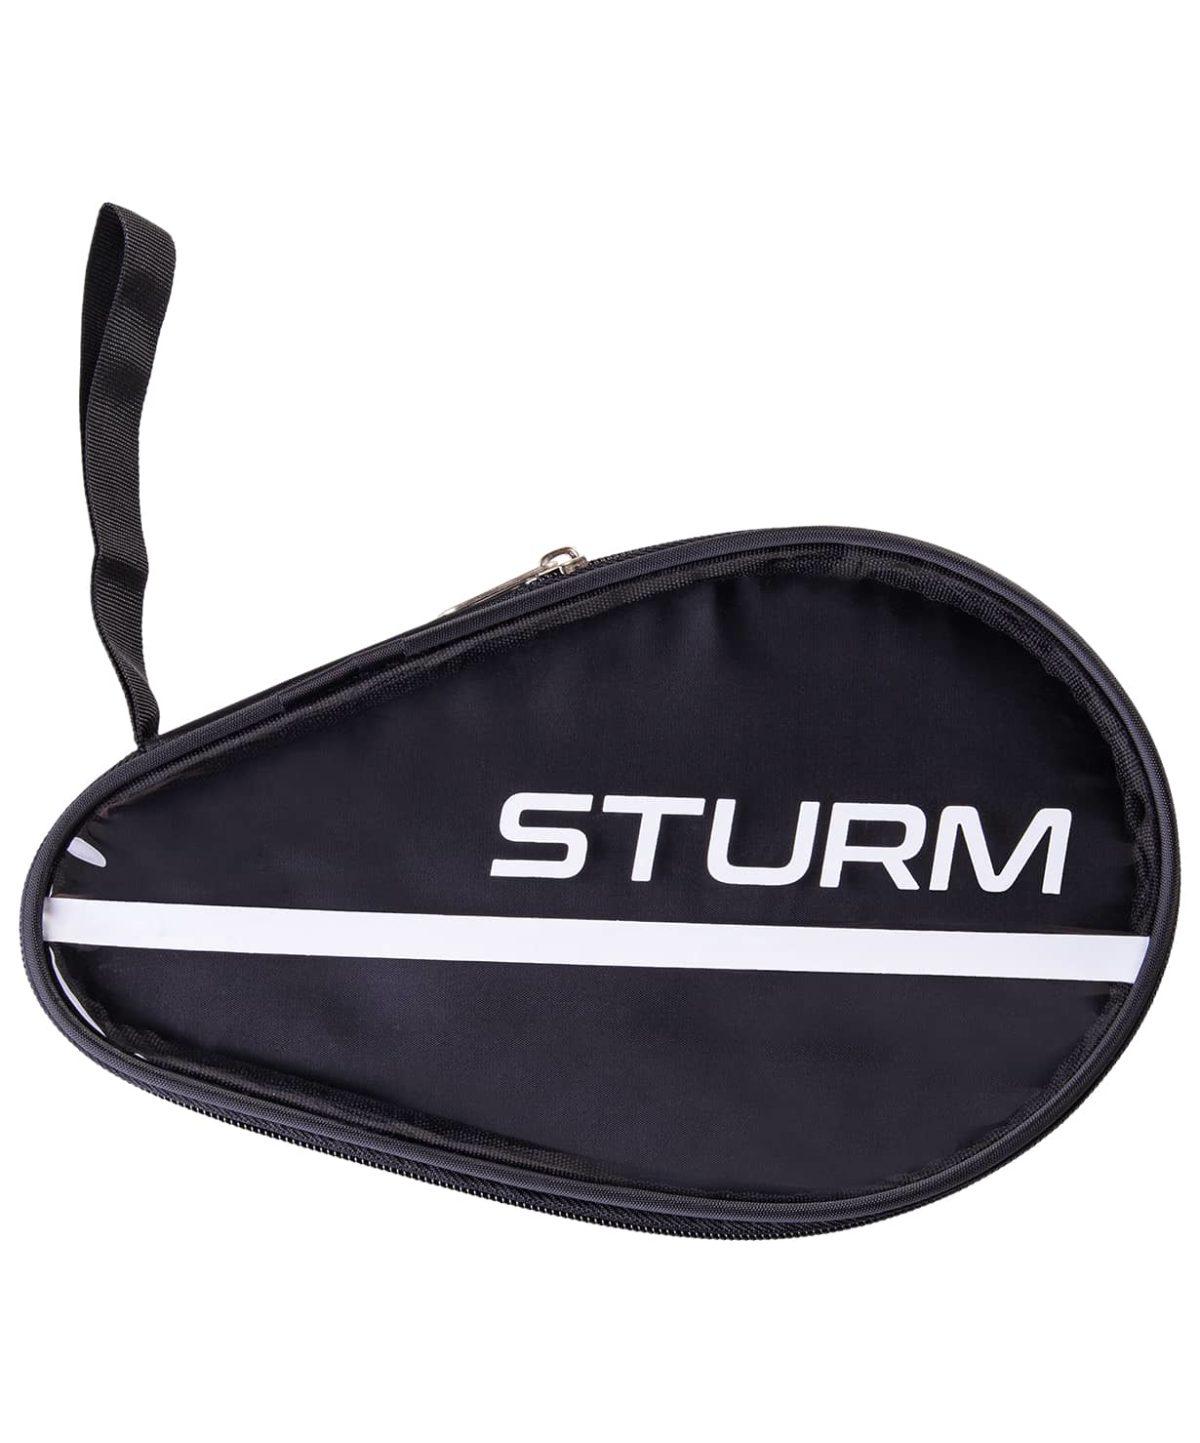 STURM Чехол для ракетки для настольного тенниса  CS-02: черный/прозрачный - 1